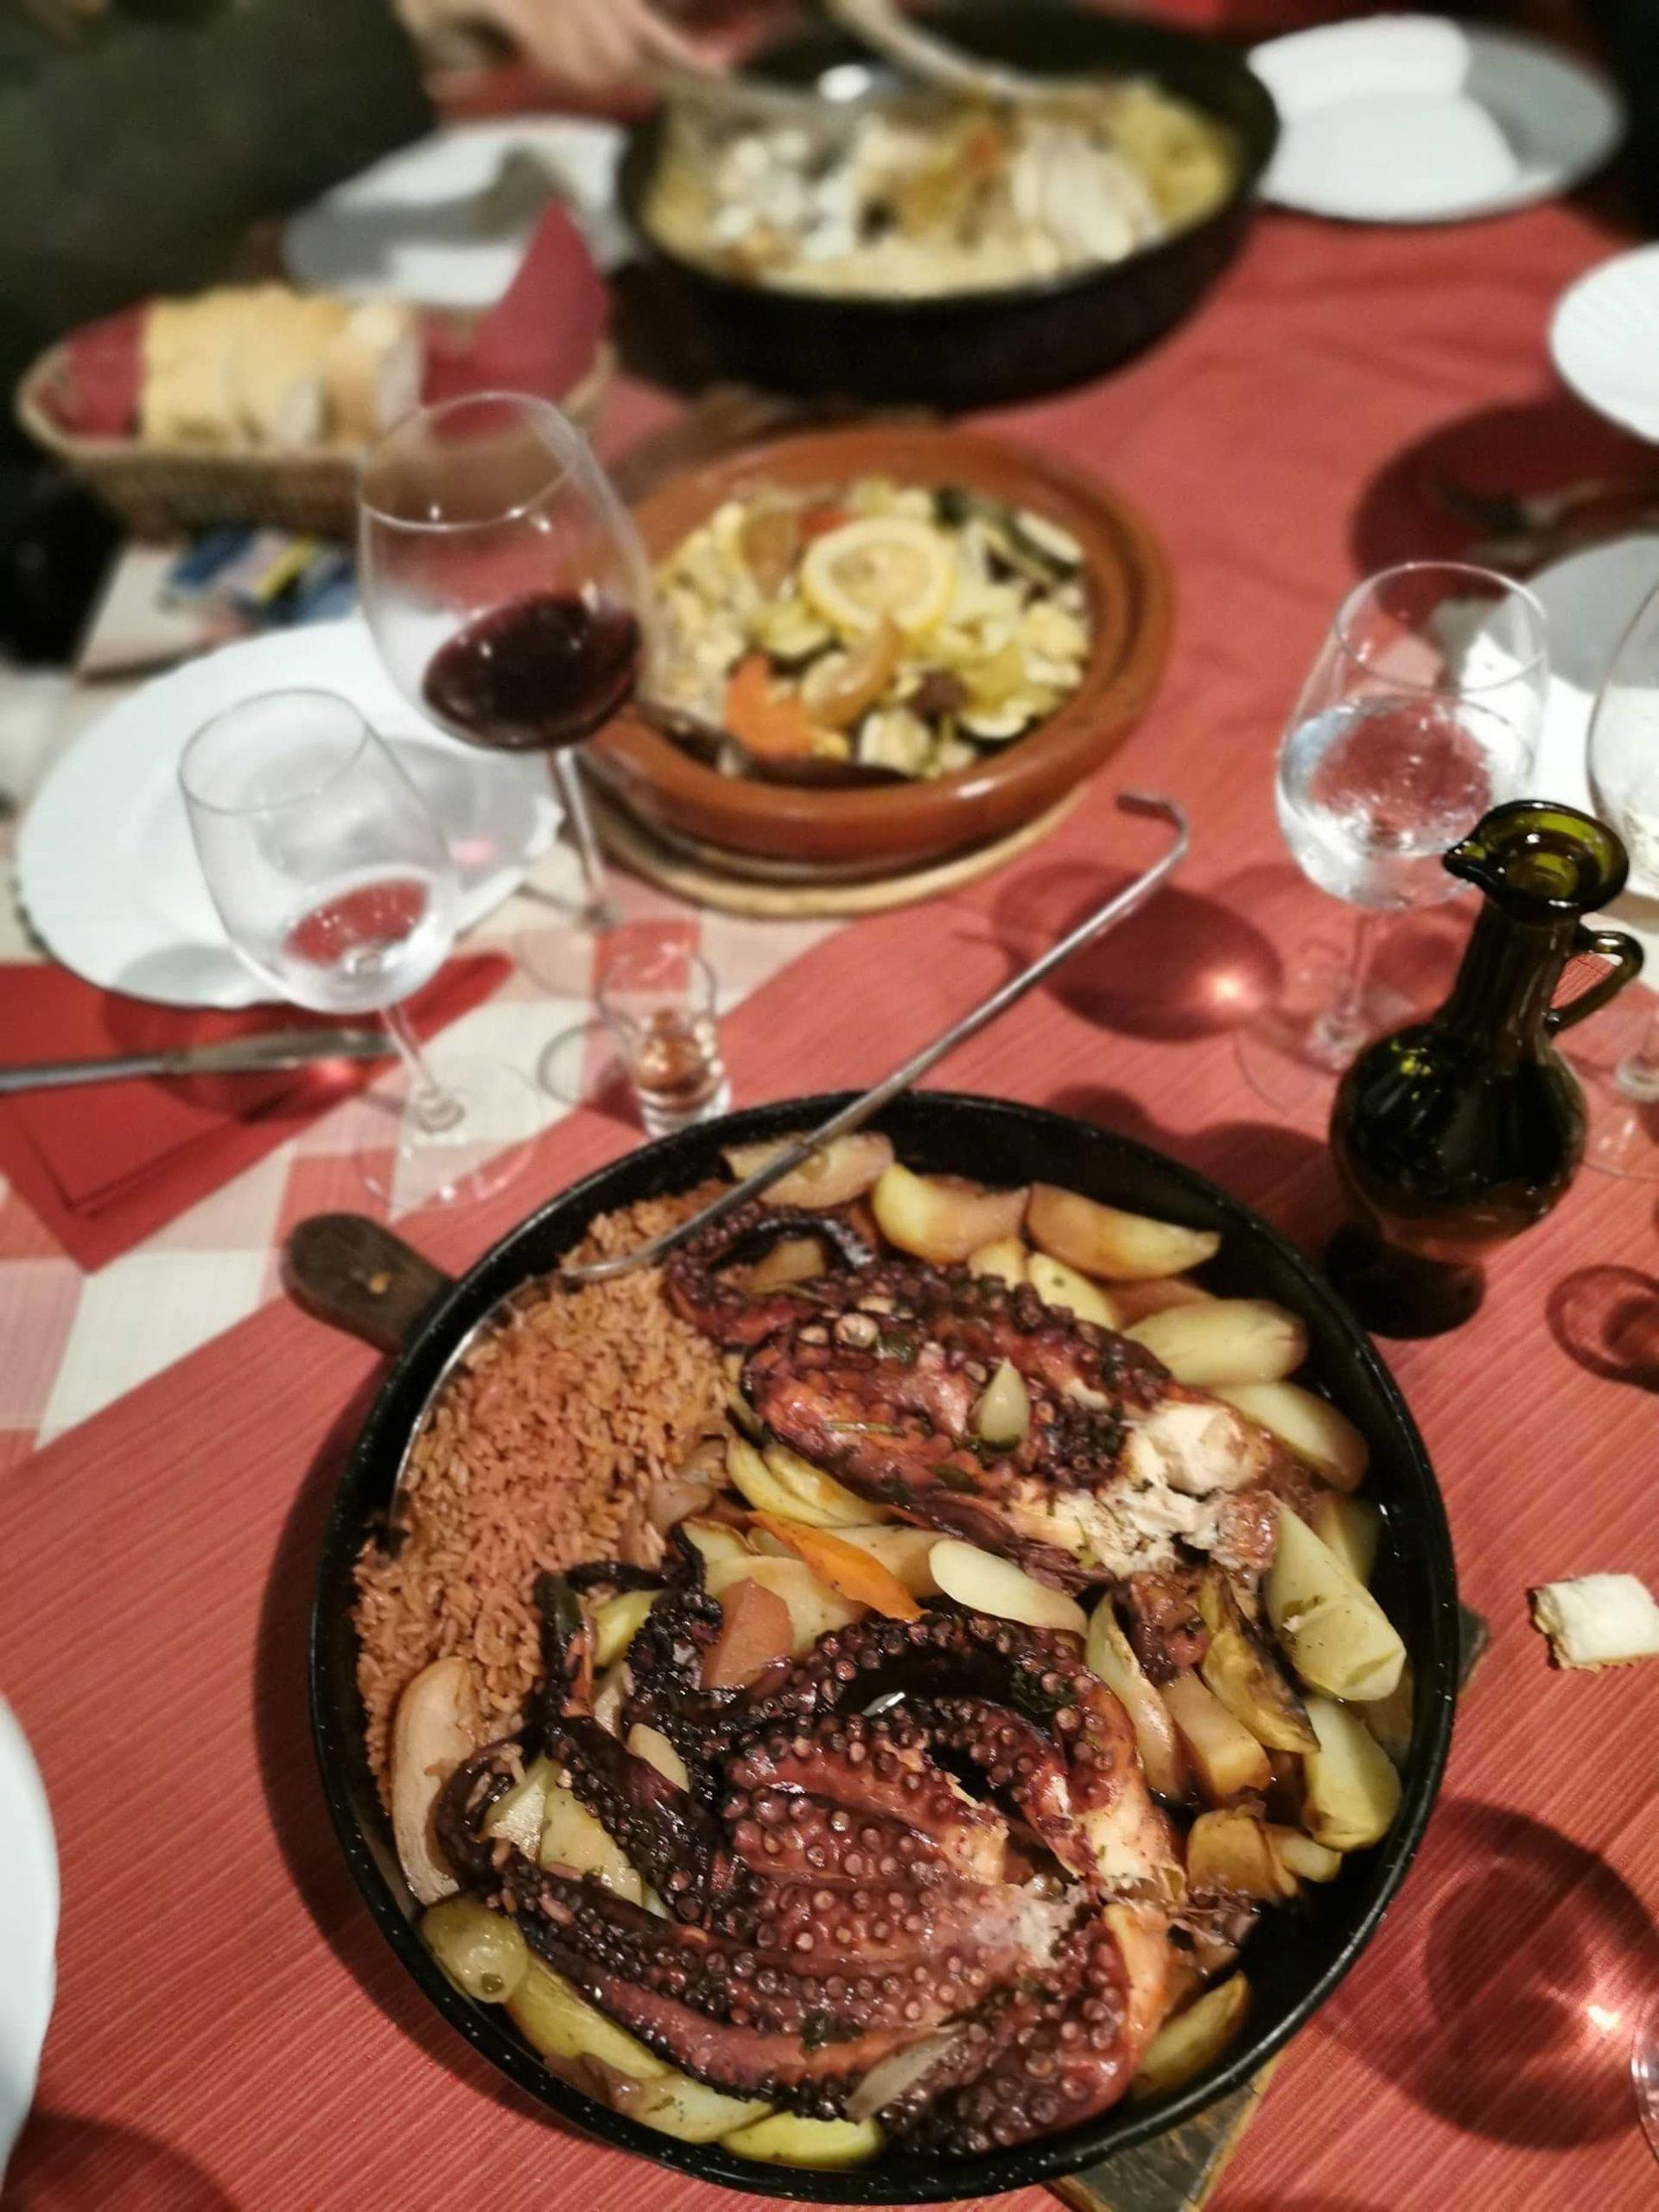 Food Croatia